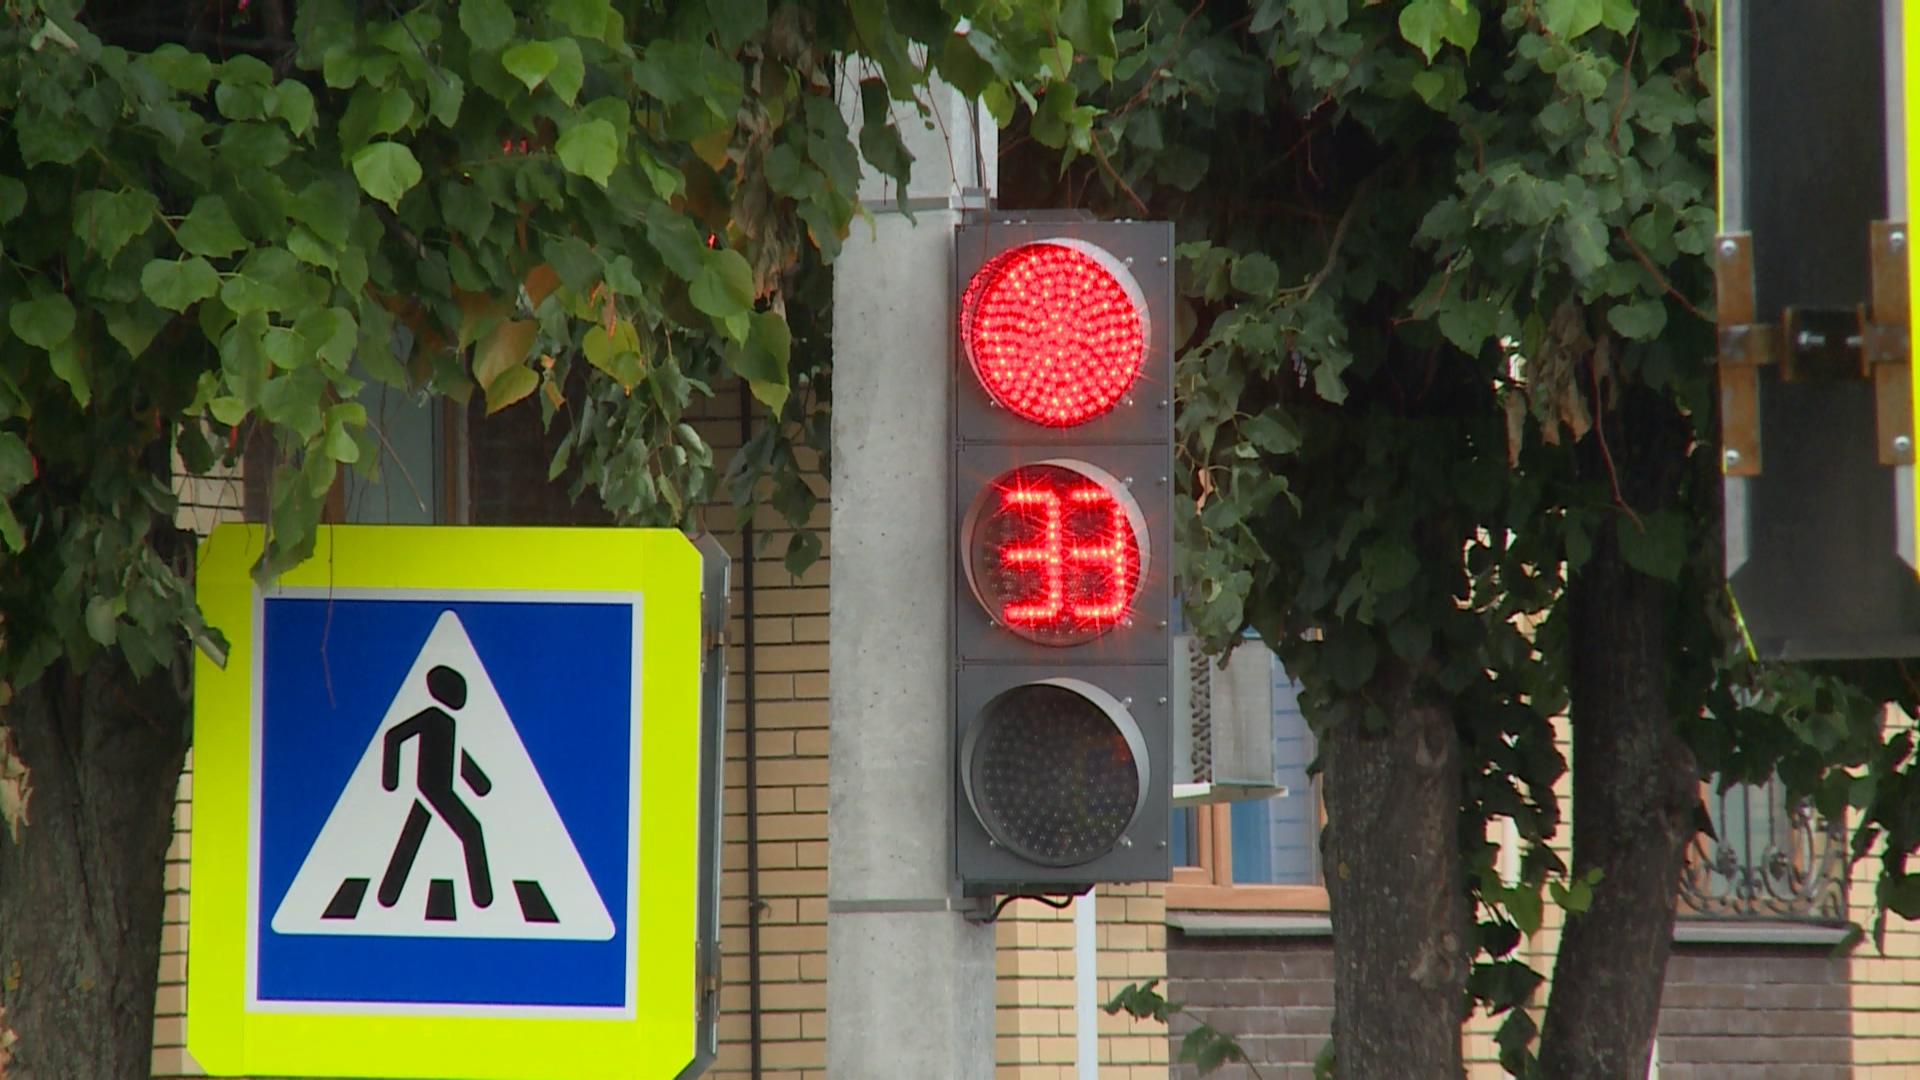 В МУП «Город» рассказали, почему во время дождя в Йошкар-Оле отключаются светофоры